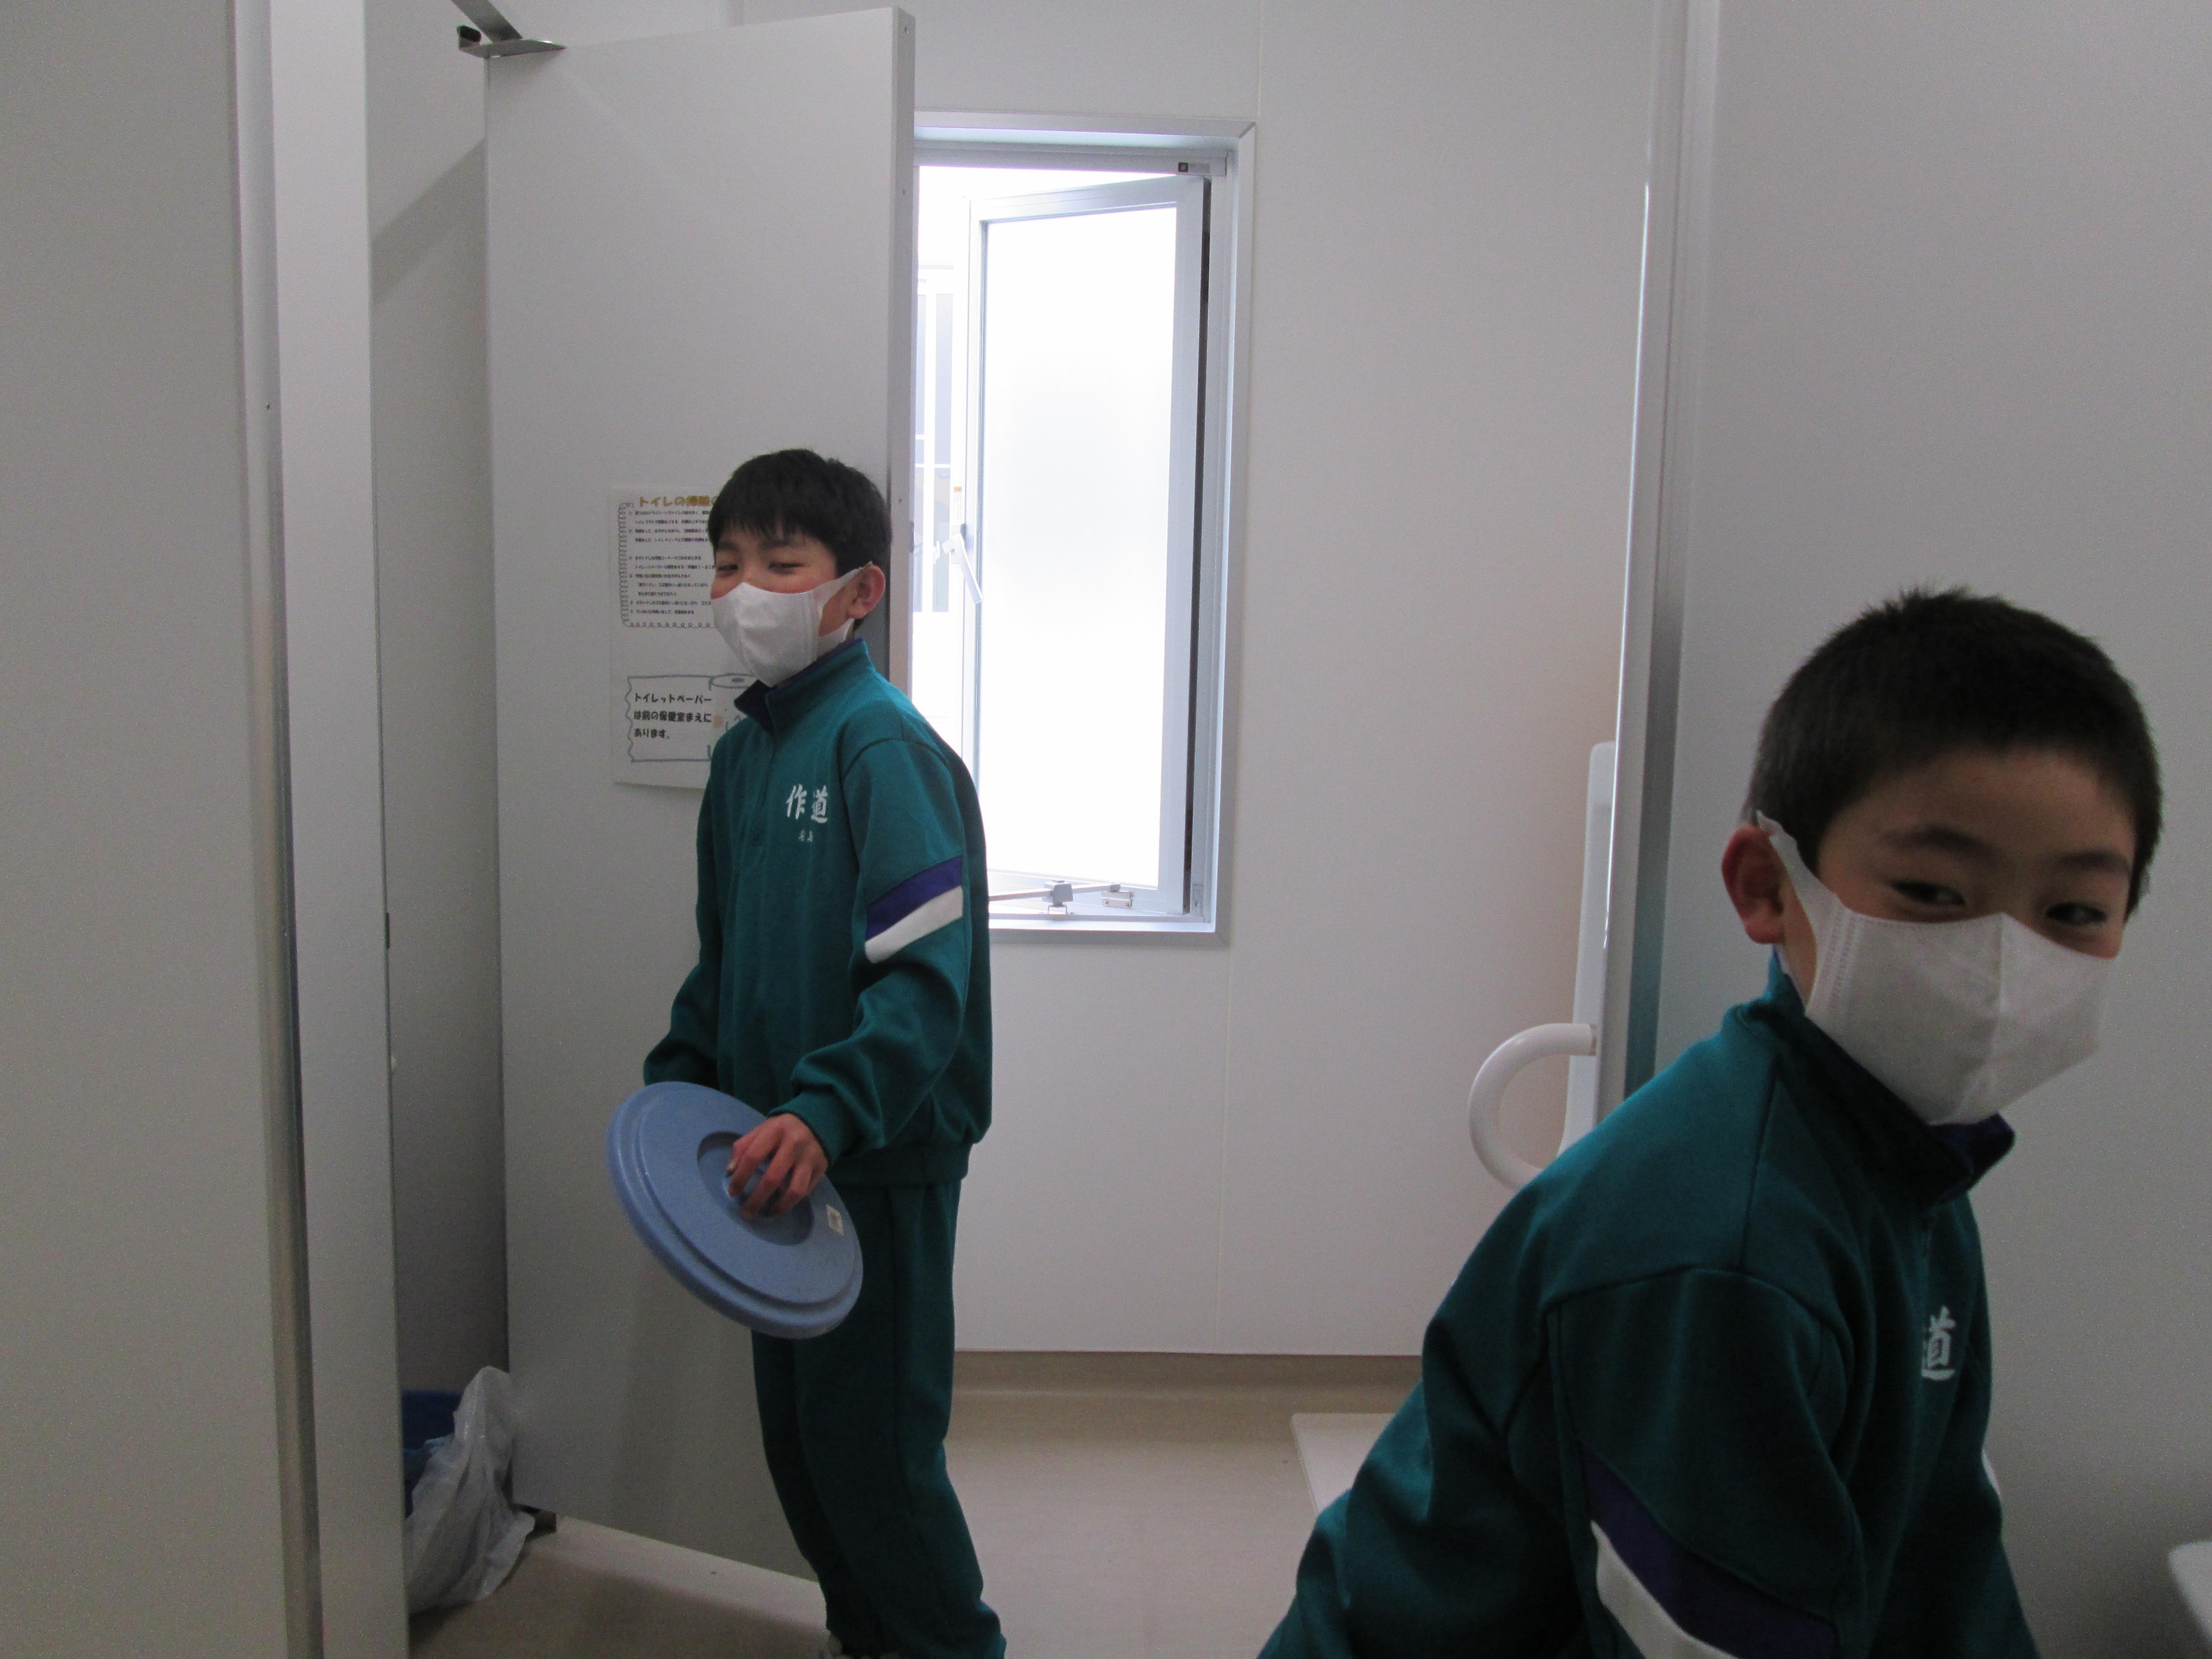 清掃時のマスク着用について